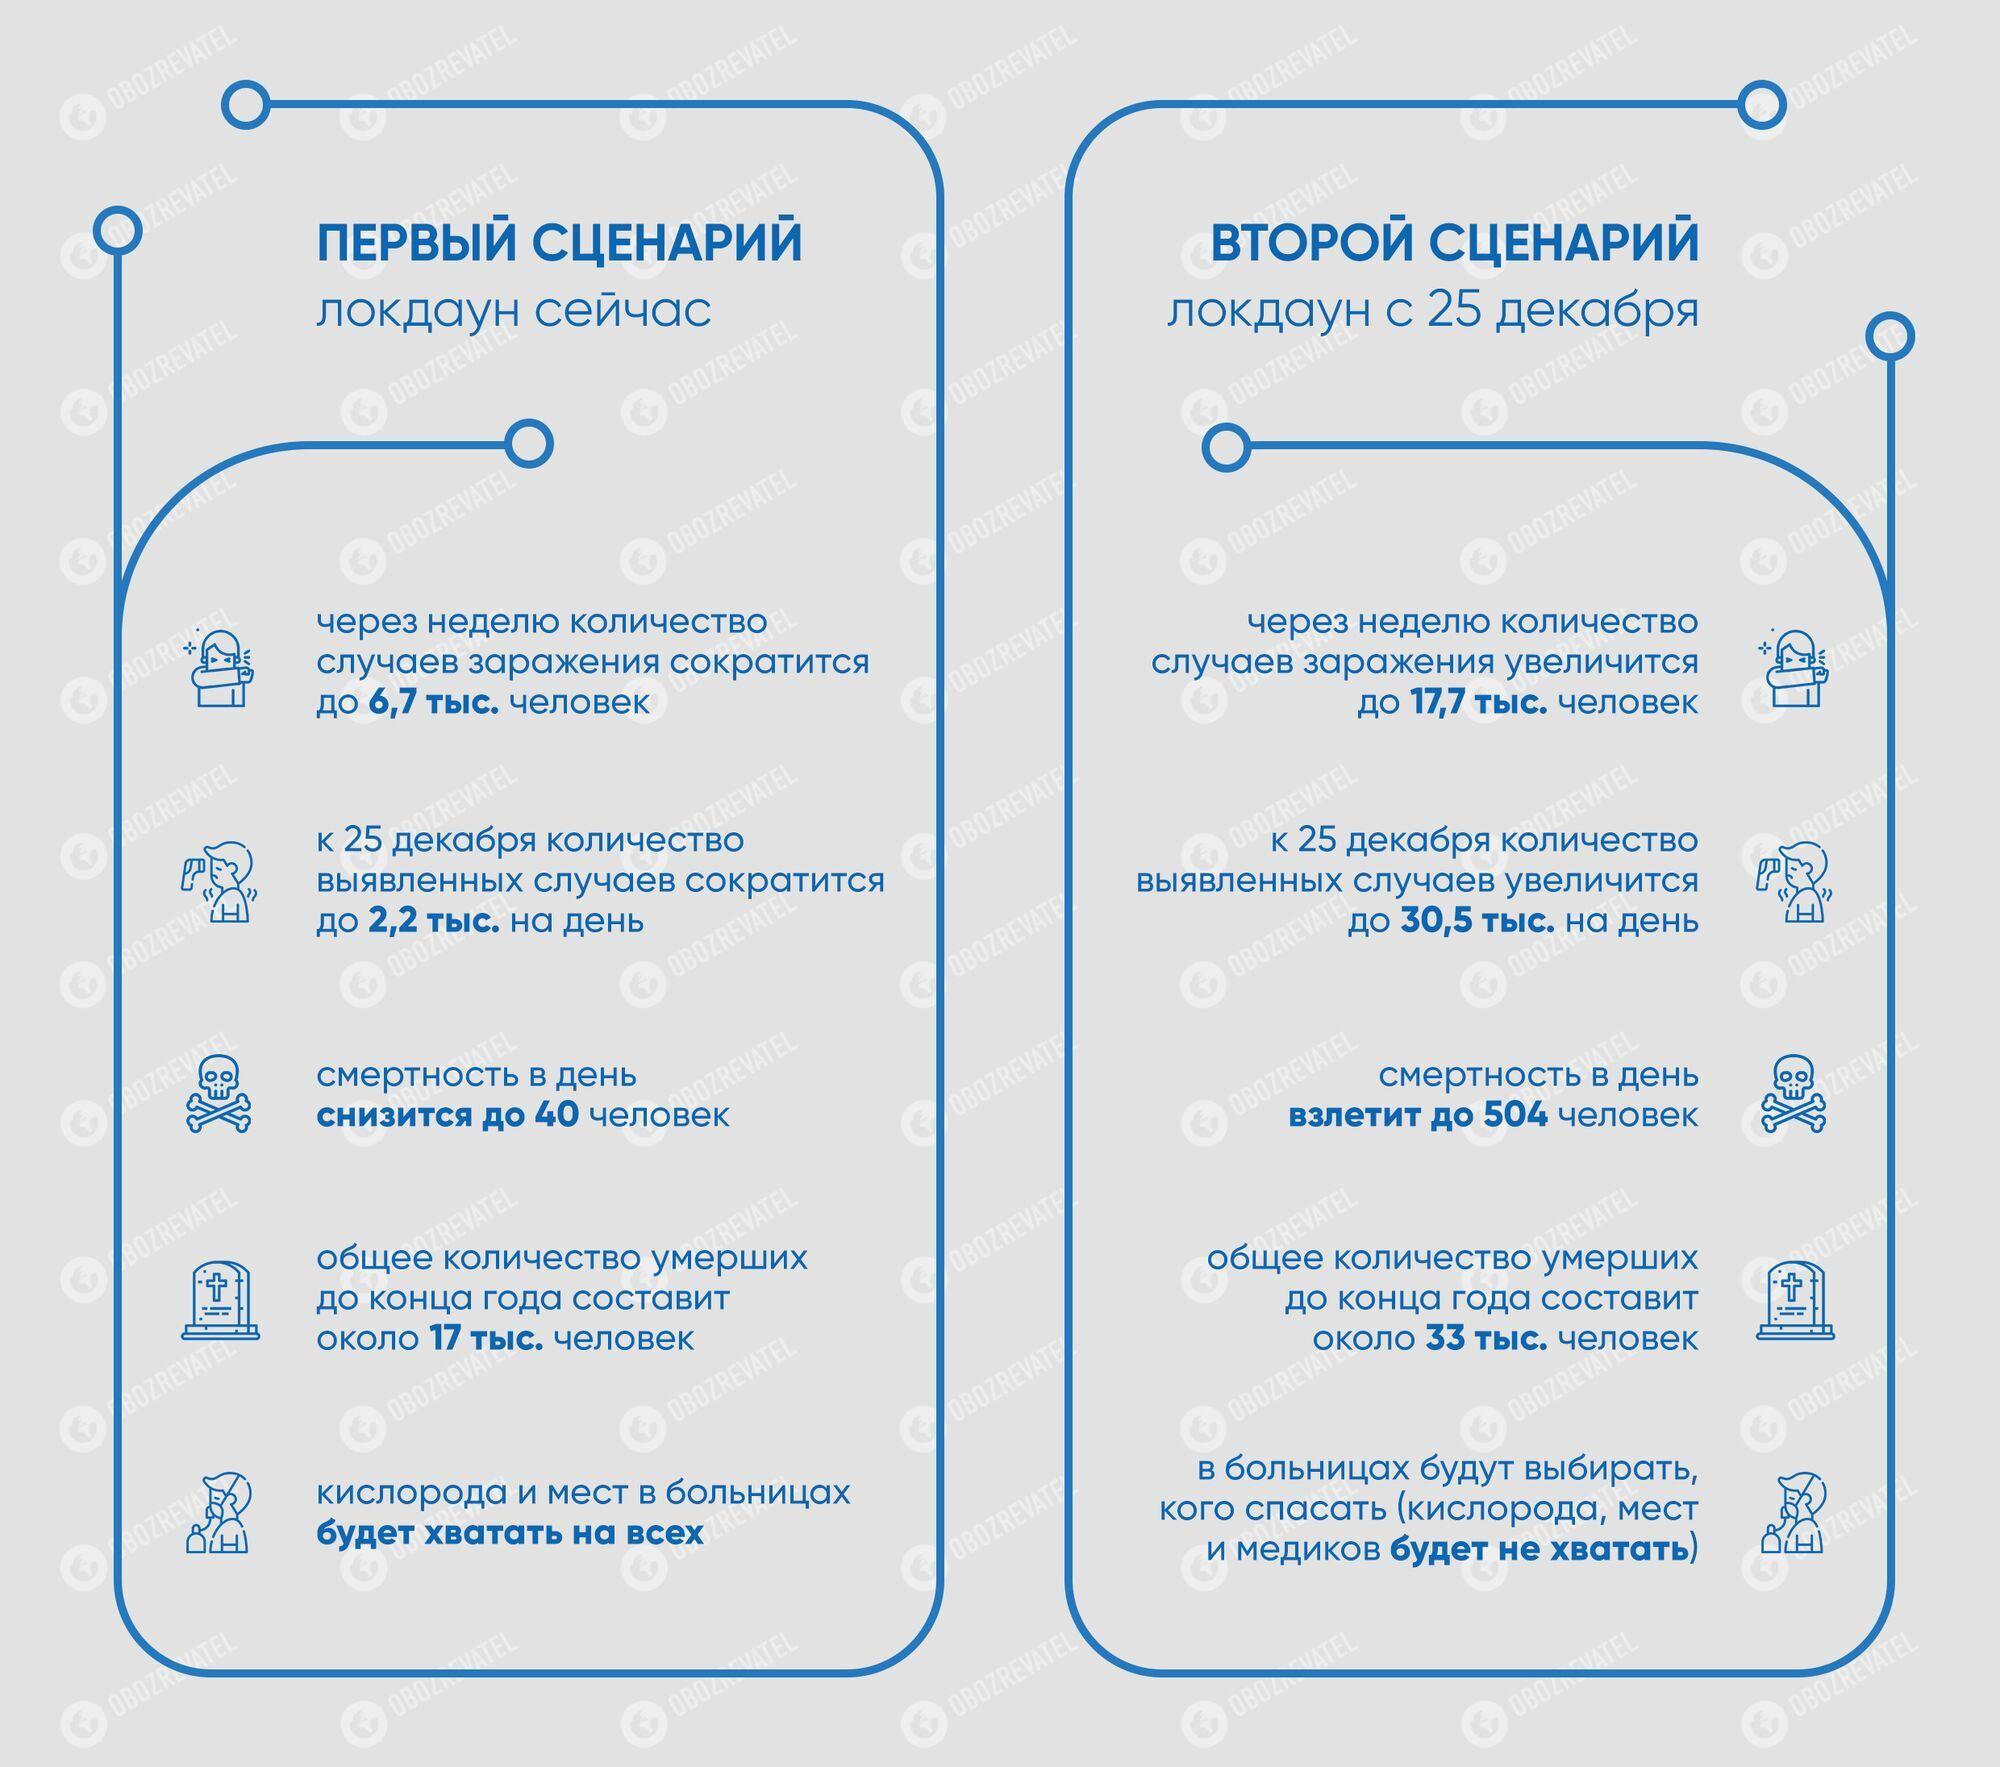 Локдаун в Украине хотят ввести с 25 декабря, могут умереть еще 16 тыс. человек